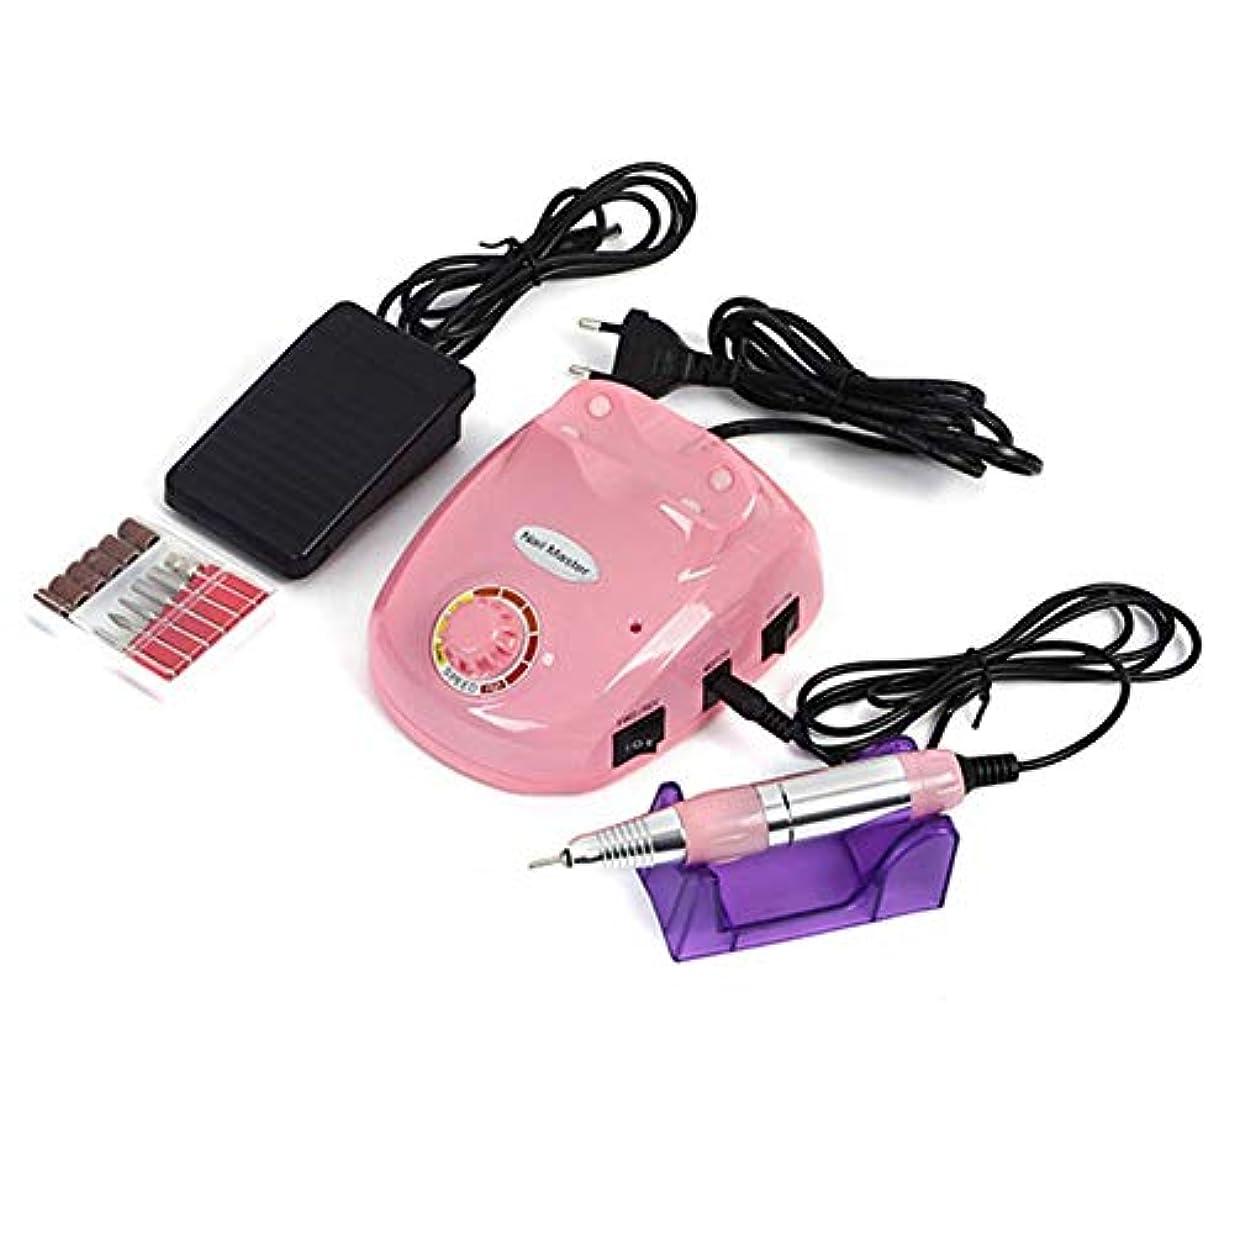 合理的けがをする浪費30000 rpmネイルマニキュア機電動ネイルドリルビットファイルカッターサンディングバンドアクセサリーセットペディキュア機器機器、黒,ピンク